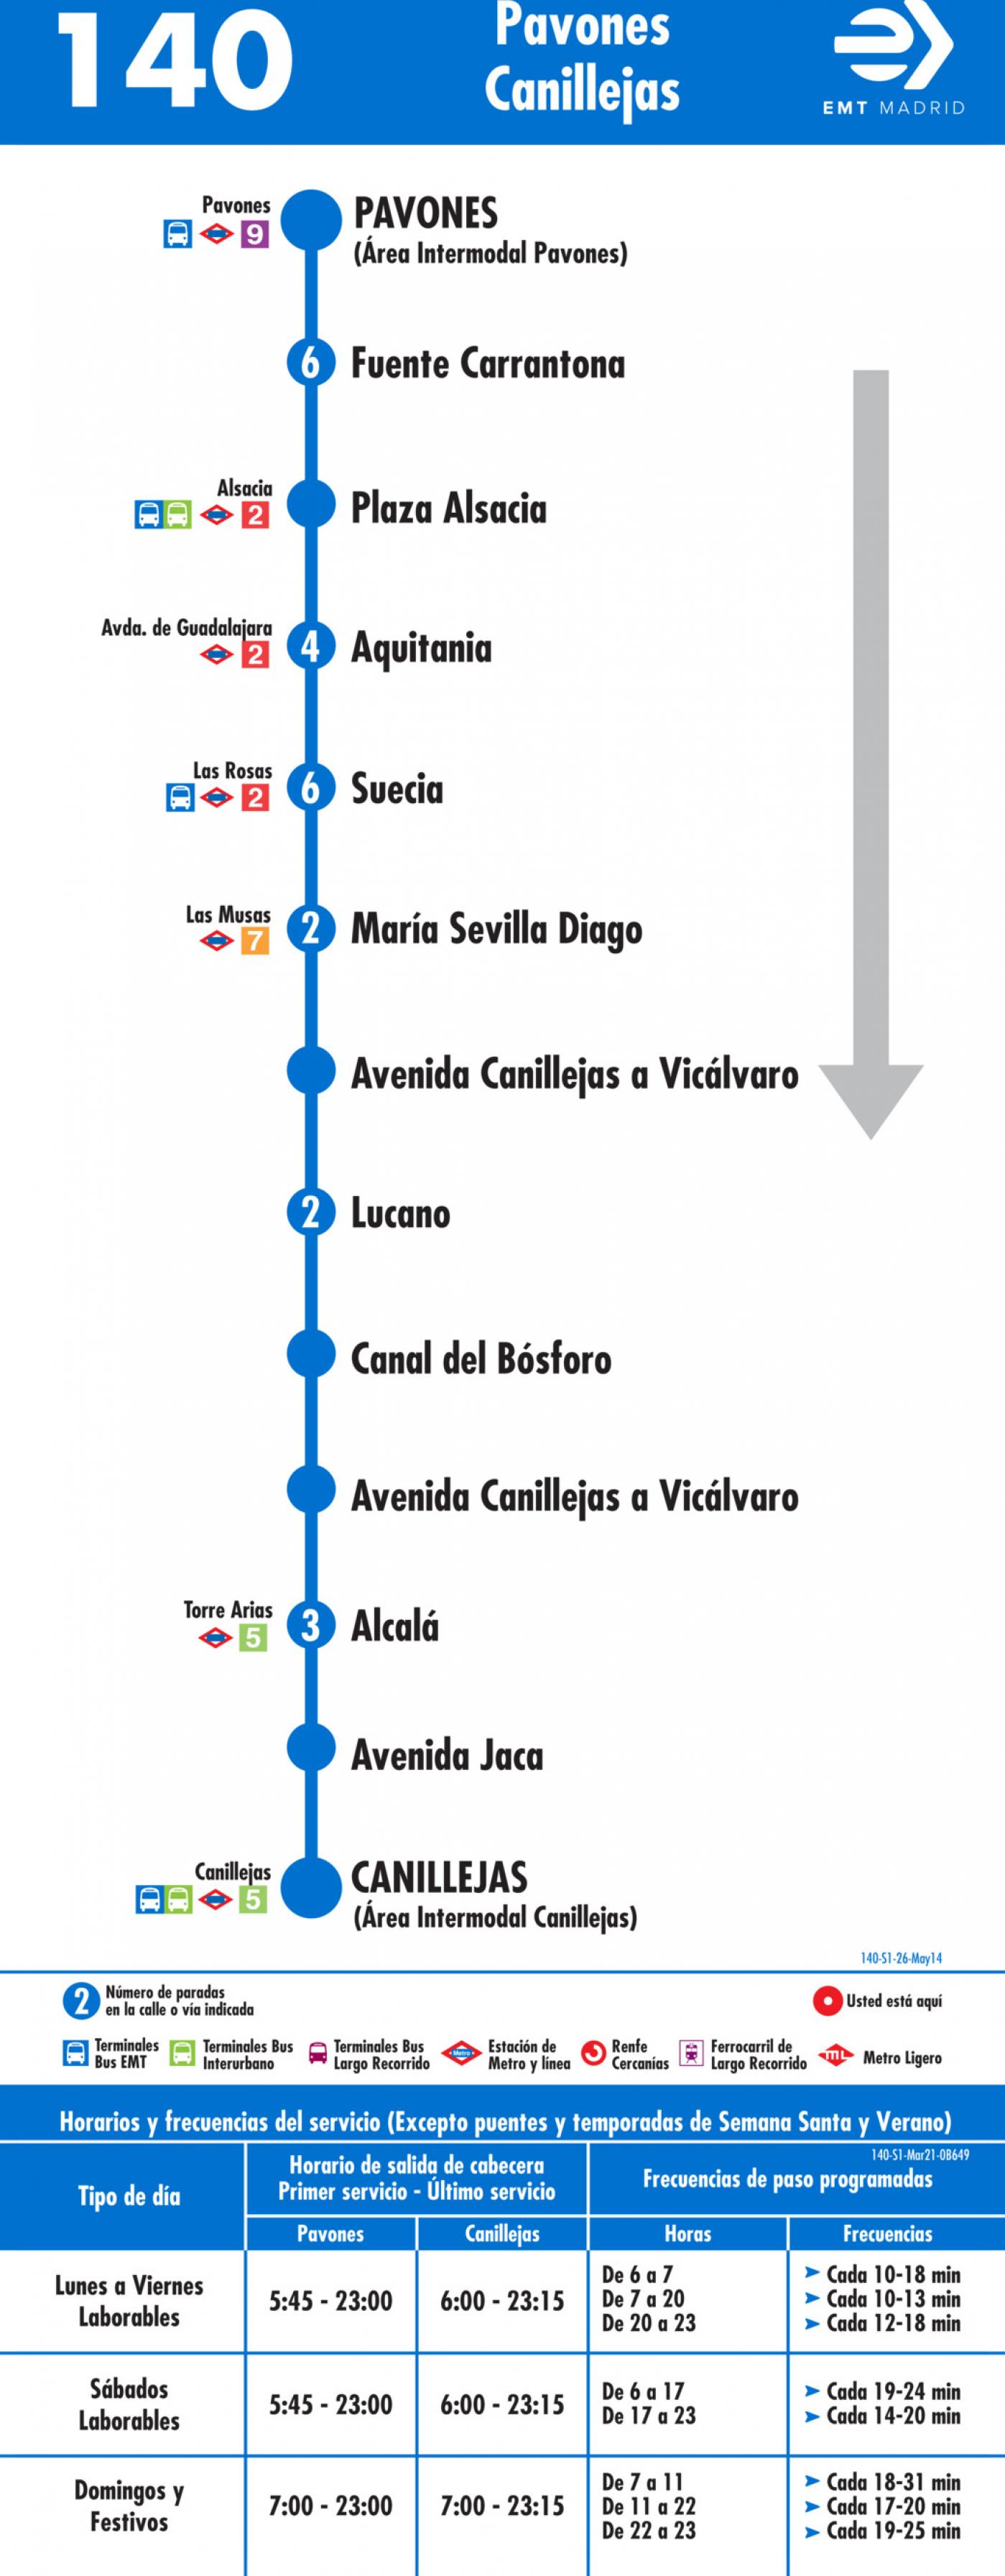 Tabla de horarios y frecuencias de paso en sentido ida Línea 140: Pavones - Canillejas